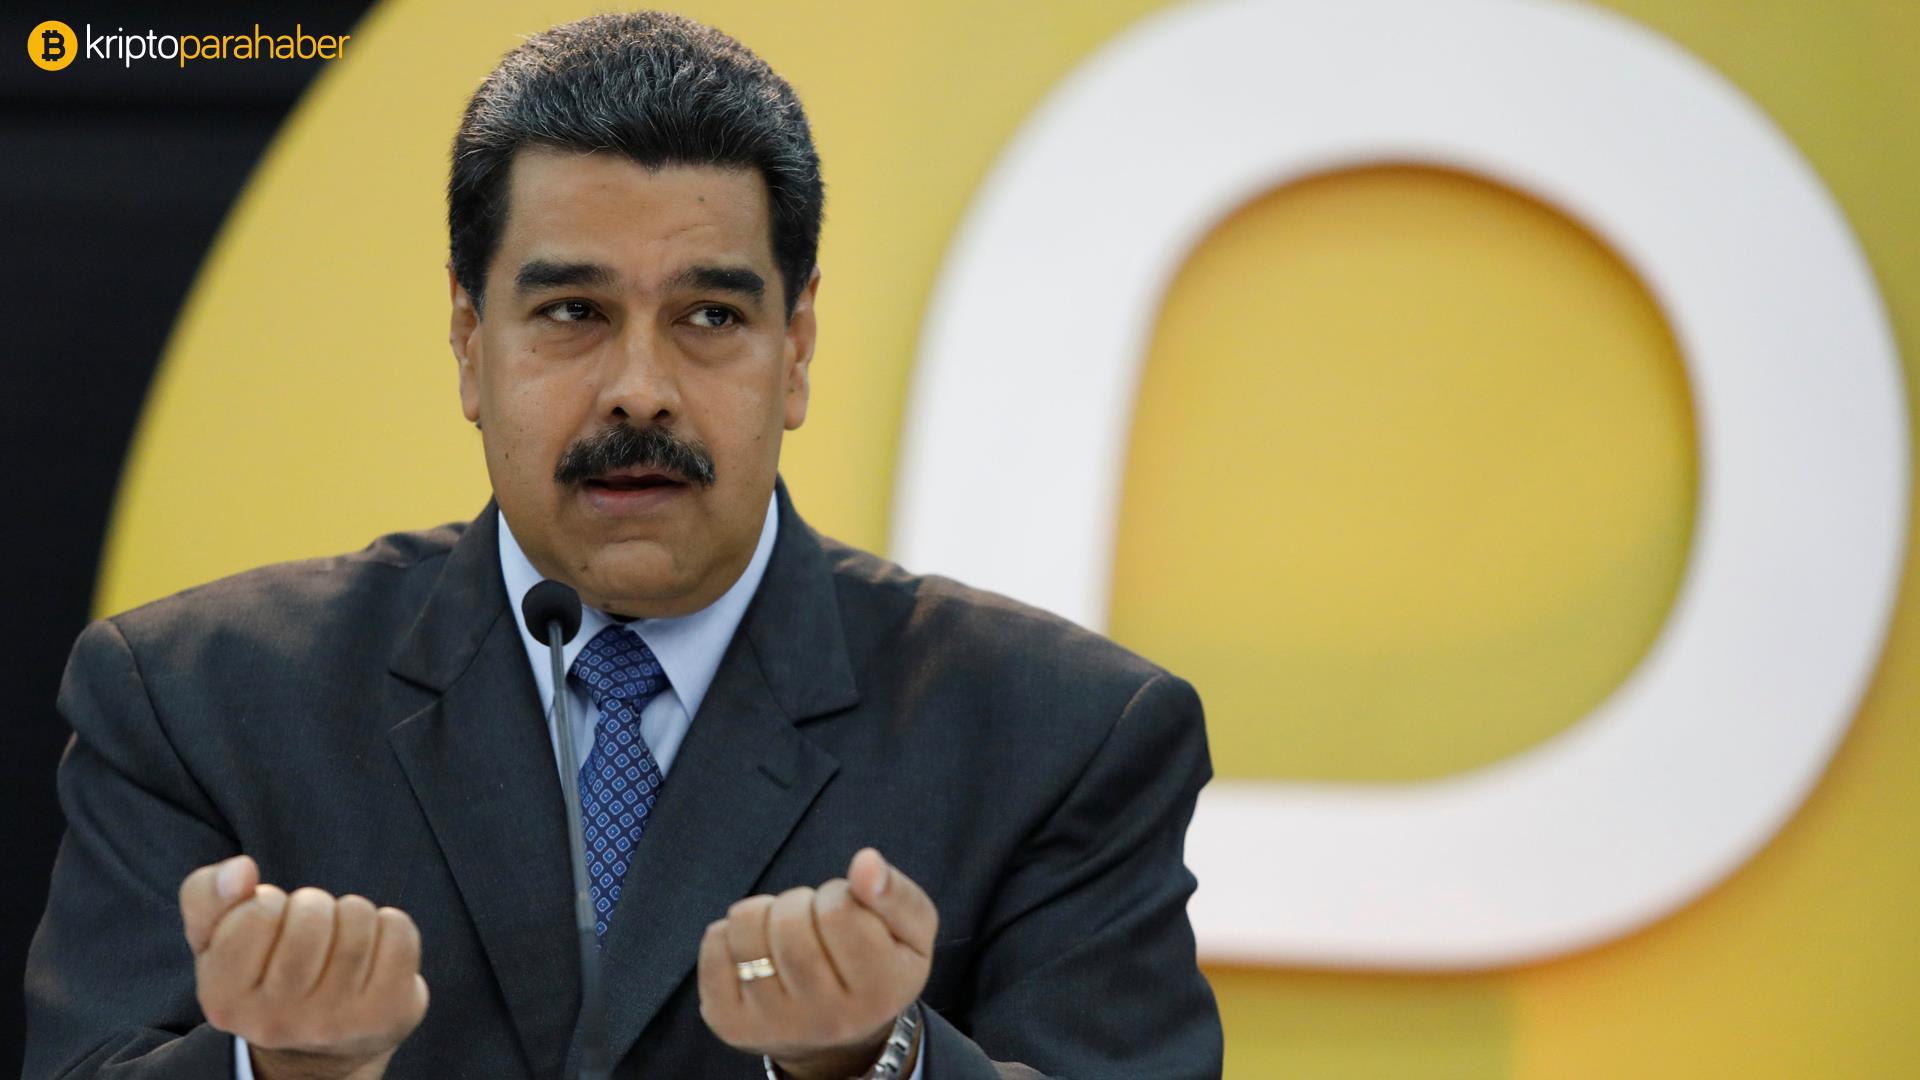 """ABD'den Nicolas Maduro hakkında suç duyurusu: """"Kripto para kullanarak ağır suçlar işlediler."""""""